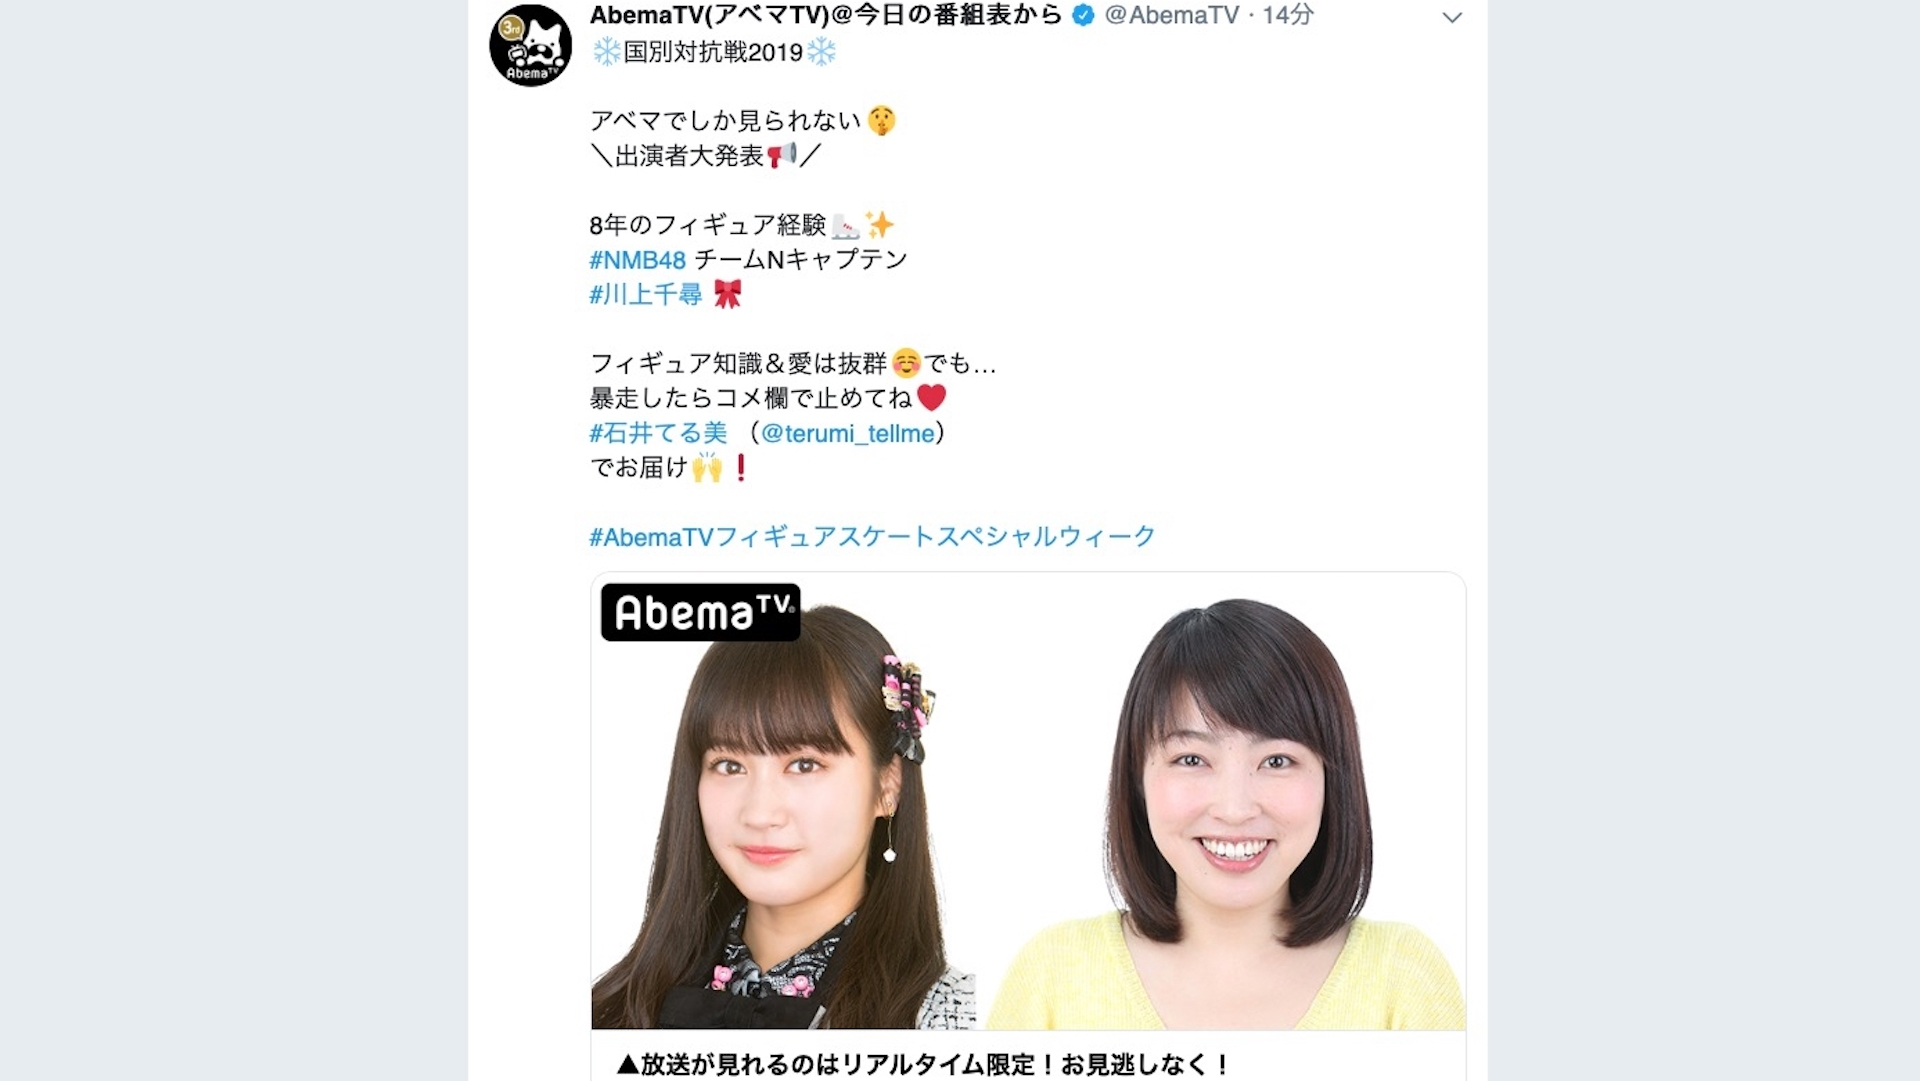 【川上千尋】AbemaTVのフィギュアスケート「国別対抗戦2019」番組にちっひーが出演。